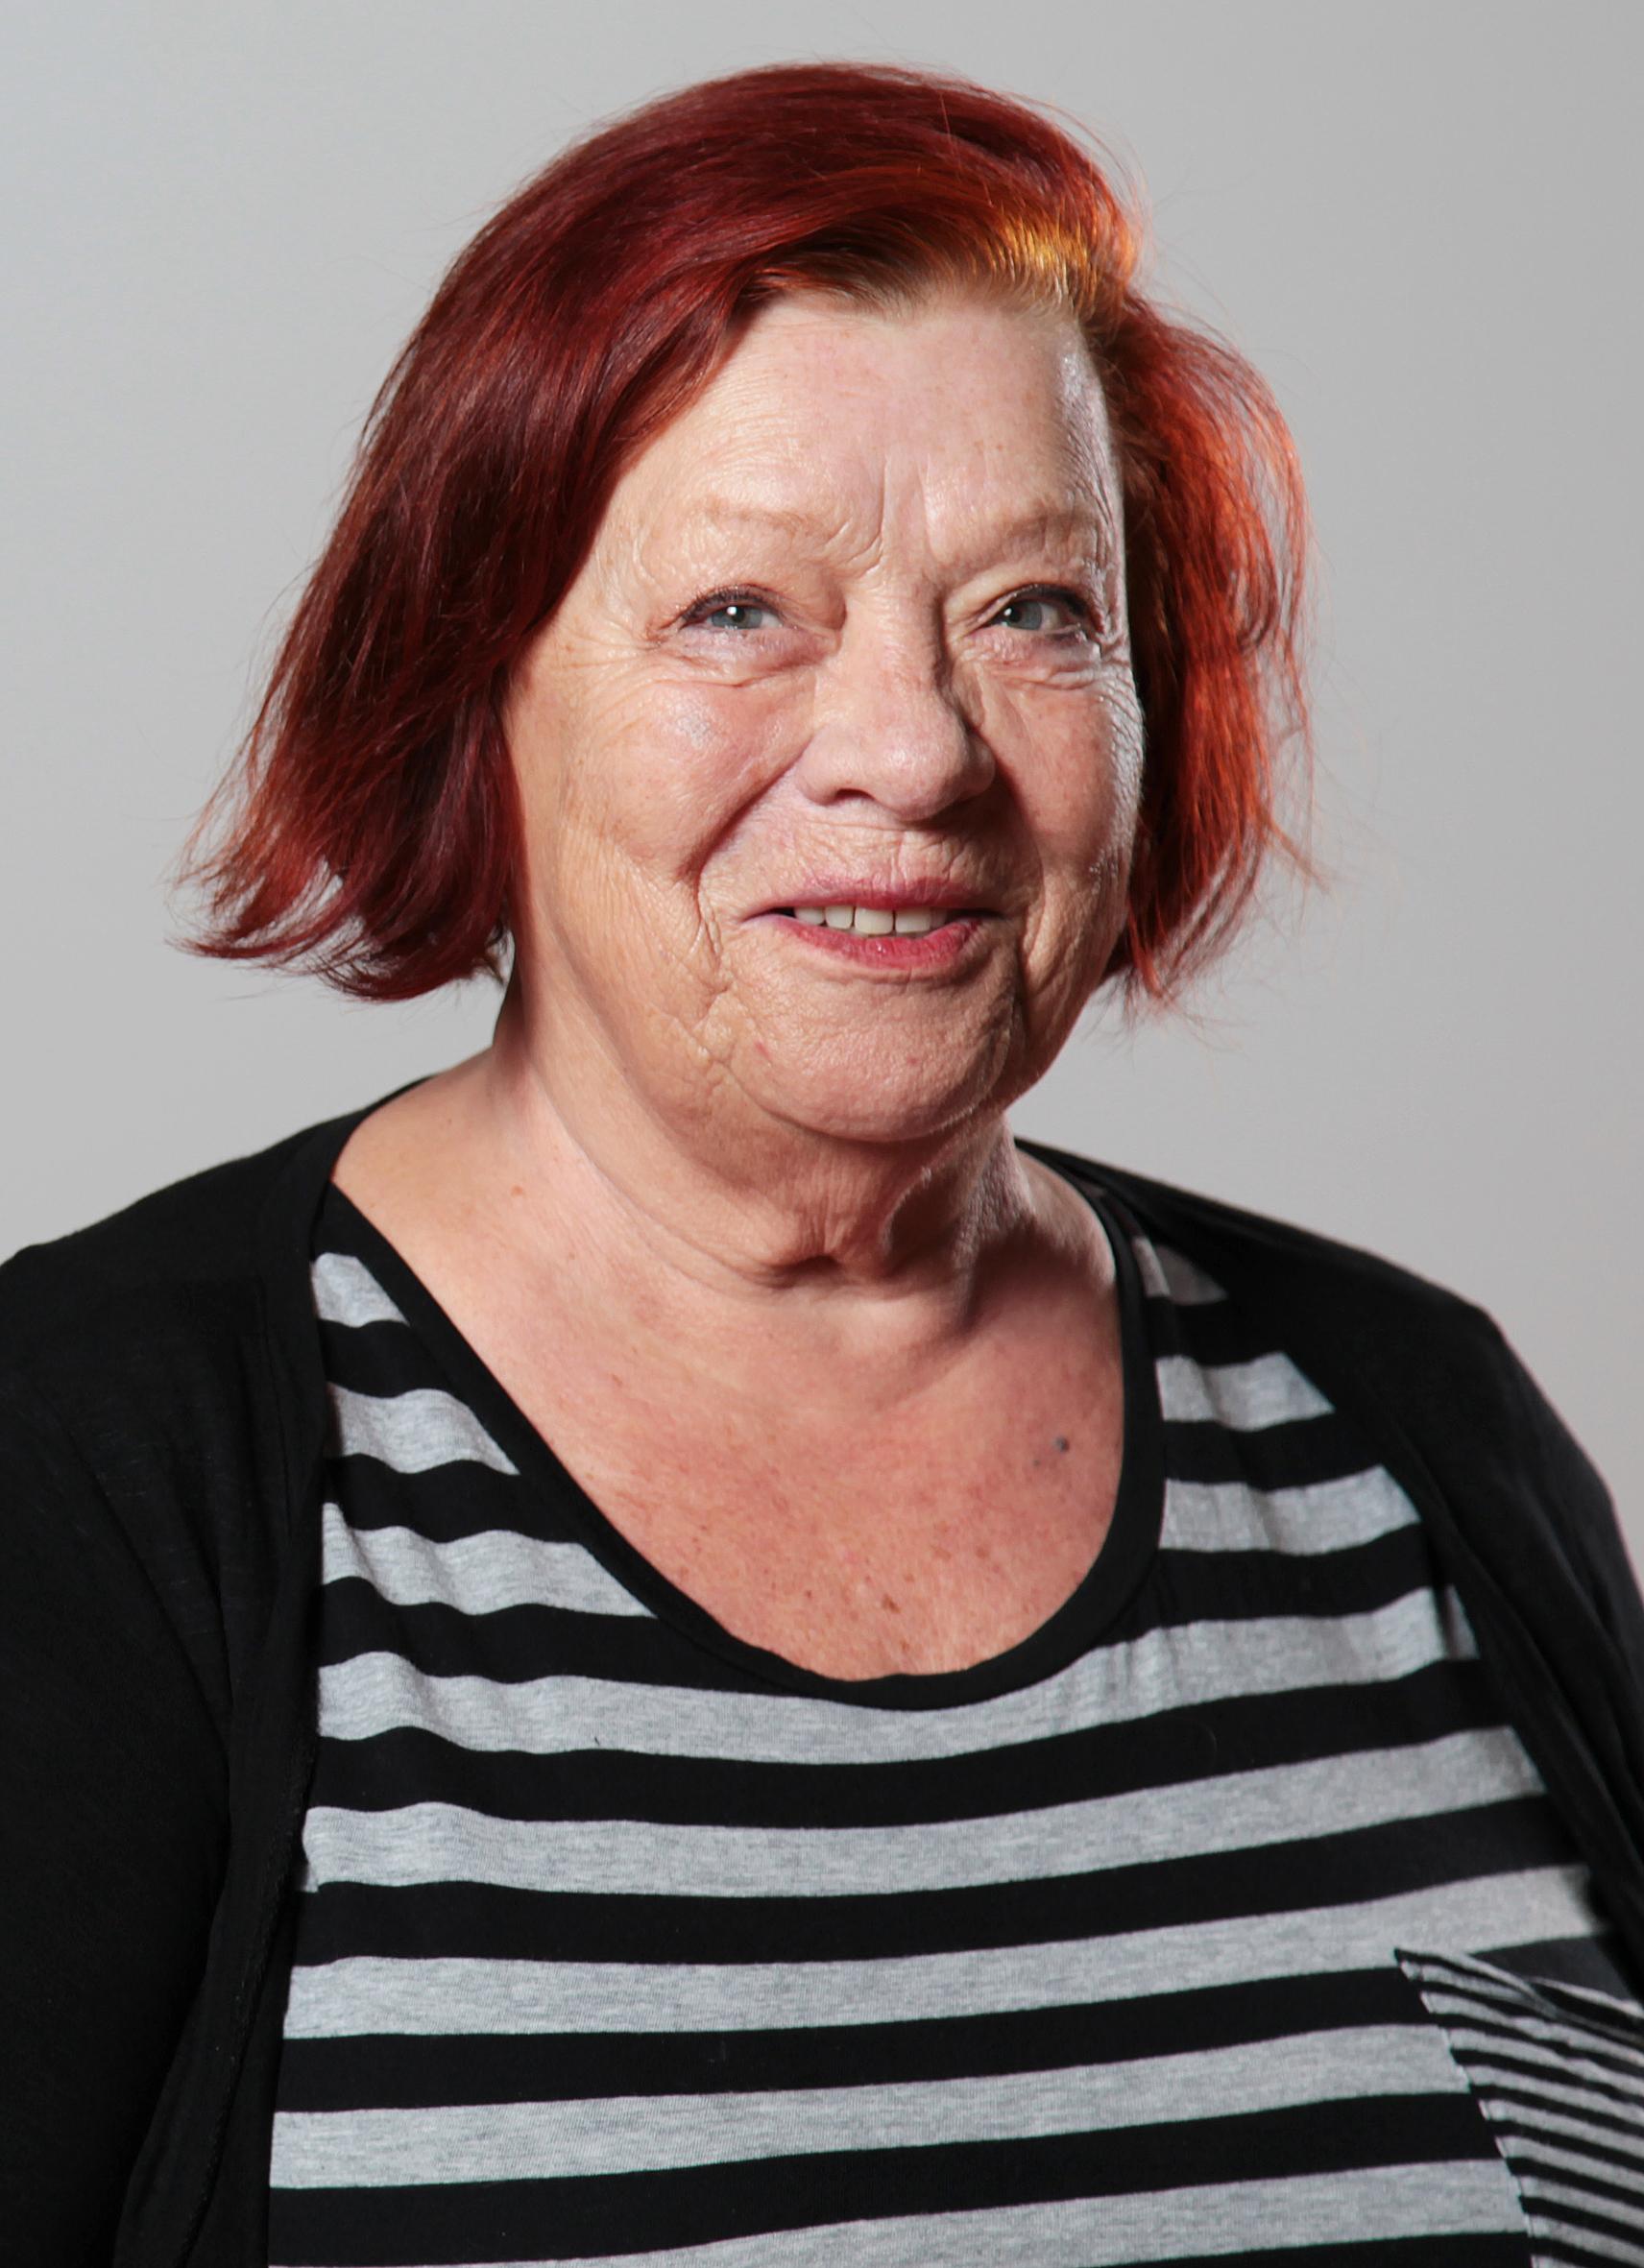 Inga Ålenius, 2012. Foto: Helsingborgs stadsteater,  http://www.mynewsdesk.com/se/helsingborgs_stadsteater/images/inga-aalenius-158077  - CC-BY 3.0.